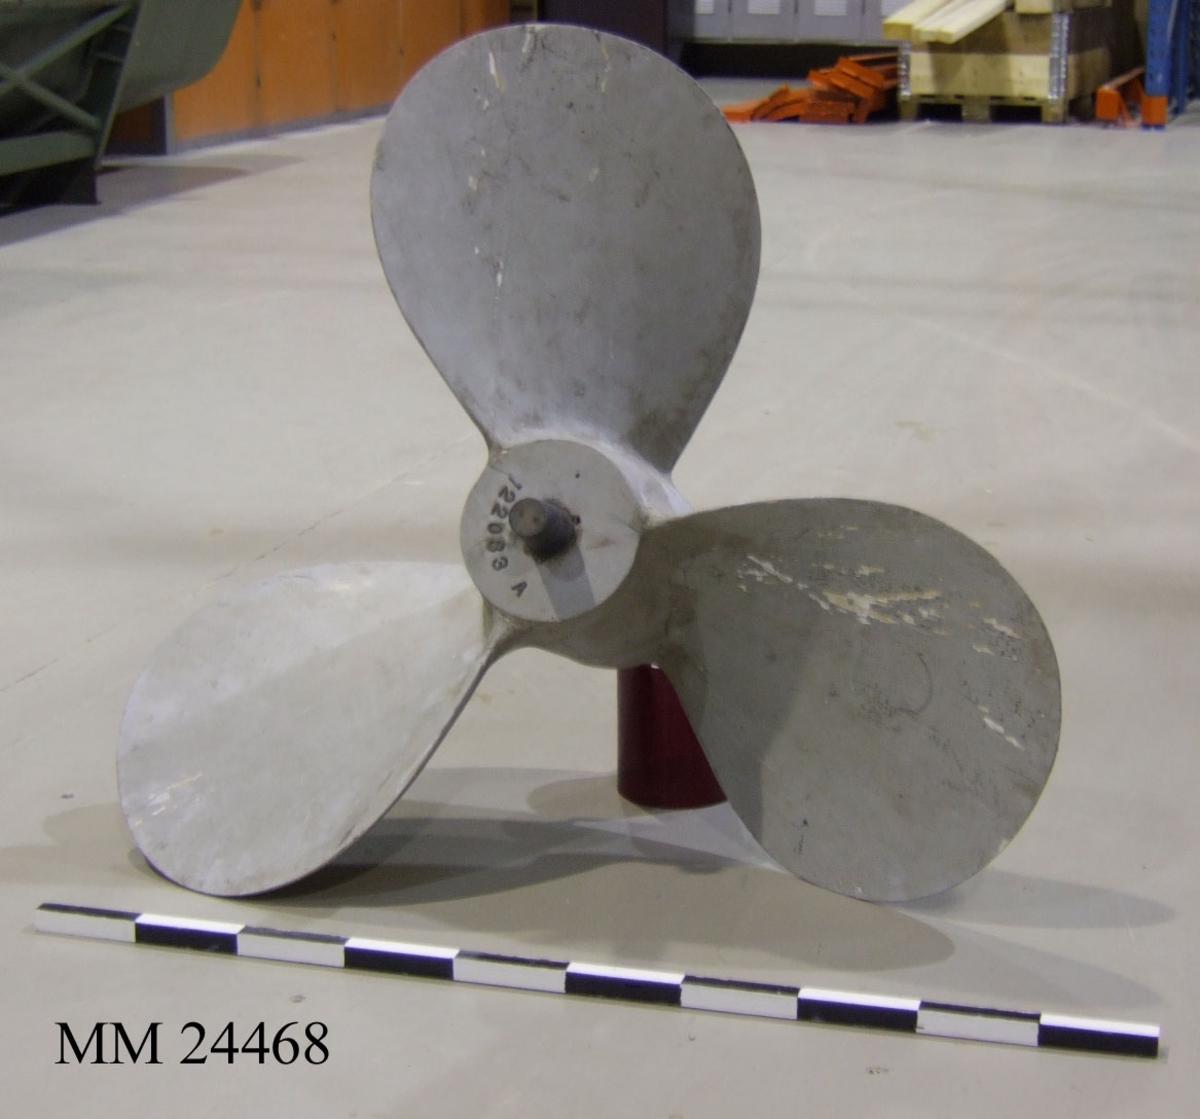 """Gjutformsmodell för 3-bladig propeller. Gråmålad med svarta detaljer. Märkt med en mindre metallplatta, på denna står det: """"122083A""""."""